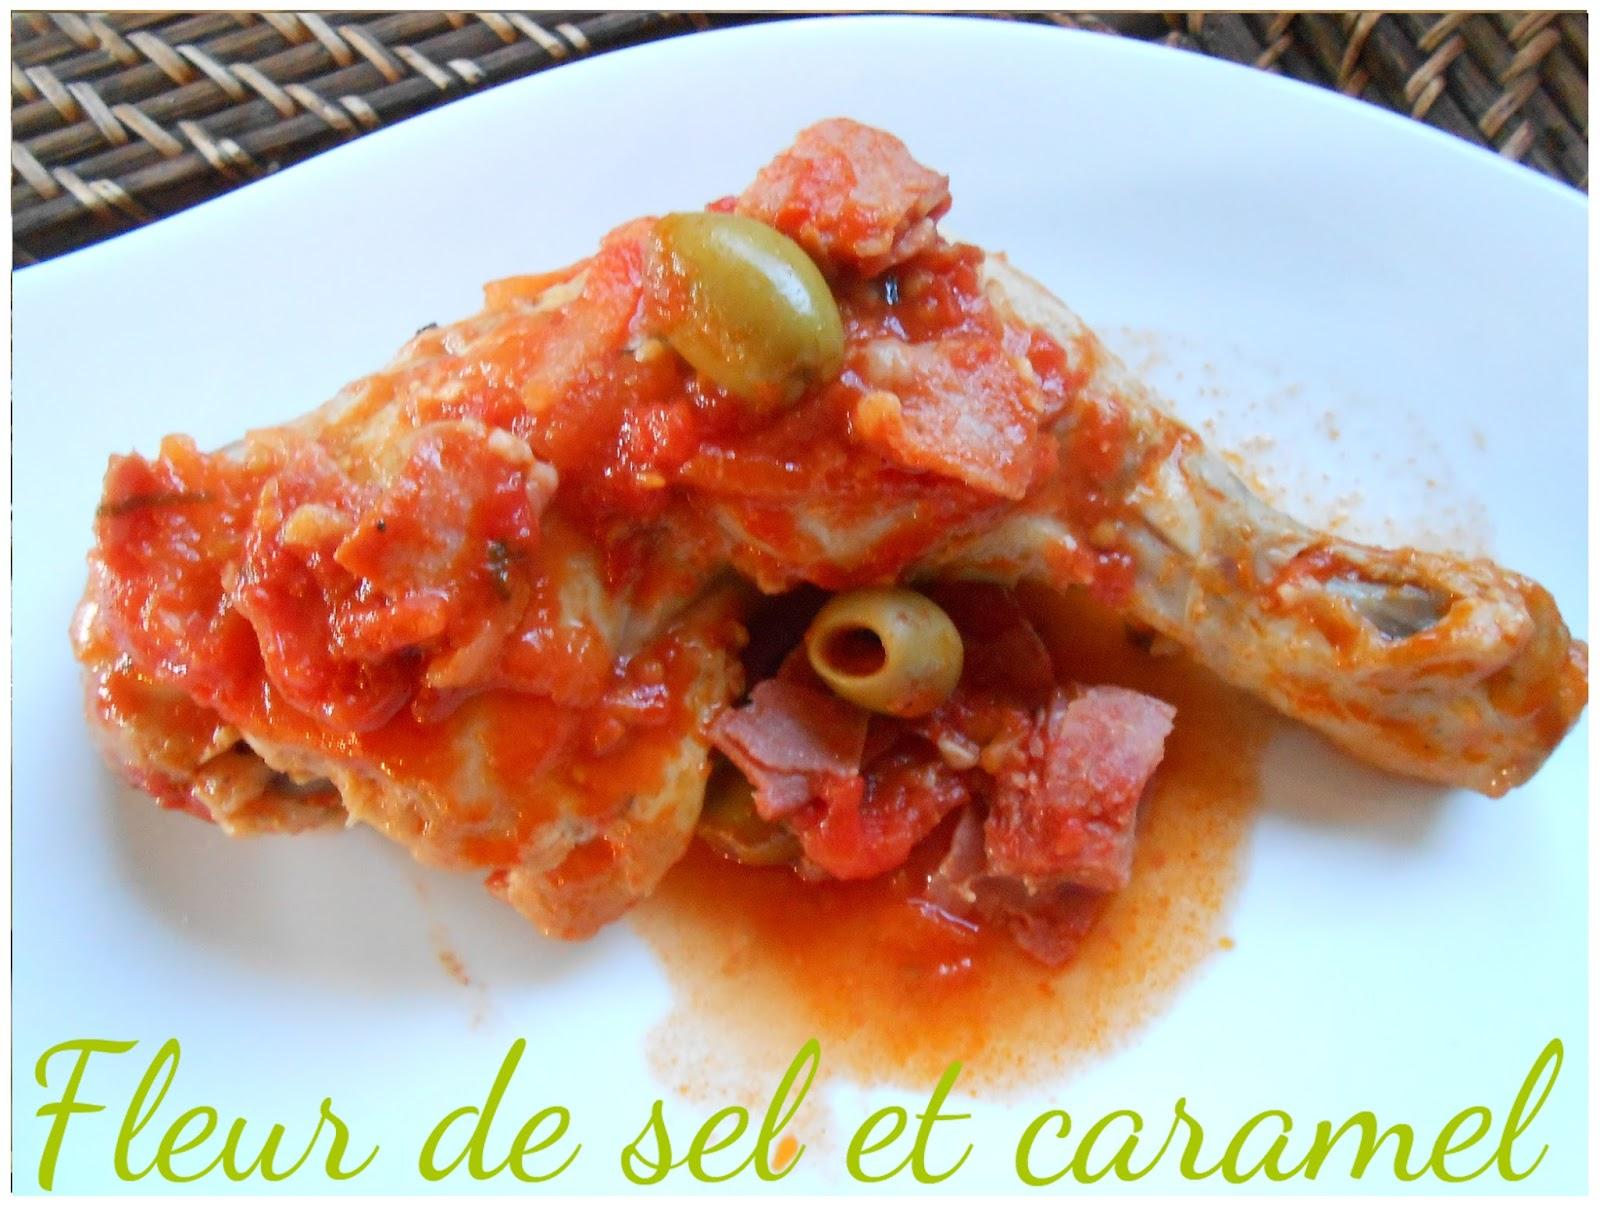 Fleur de sel et caramel cuisses de poulet tomates et olives - Cuisse de poulet calories ...